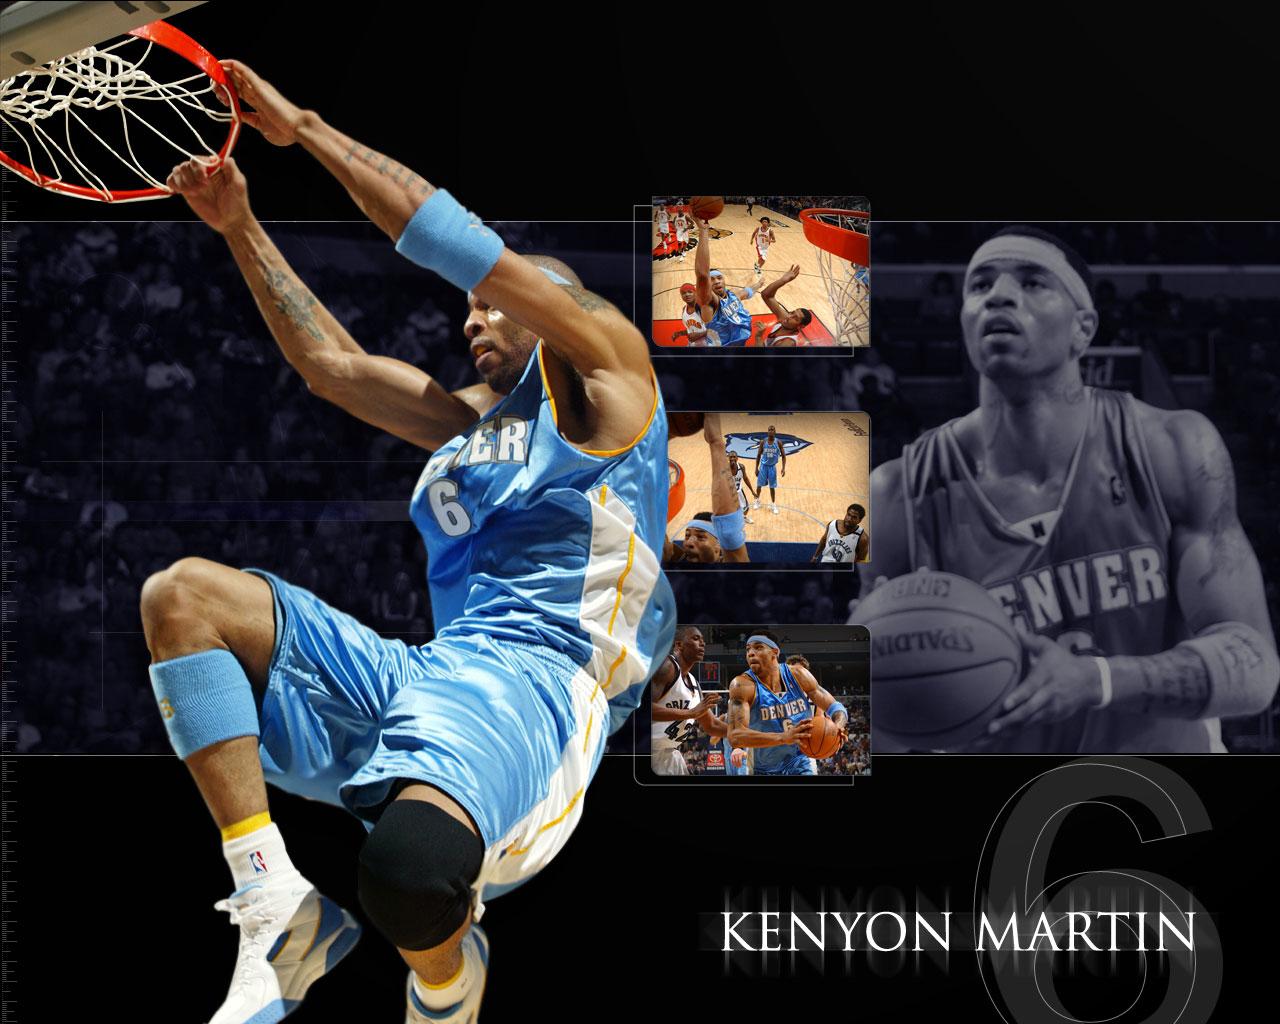 Kenyon Martin Nug s Wallpaper